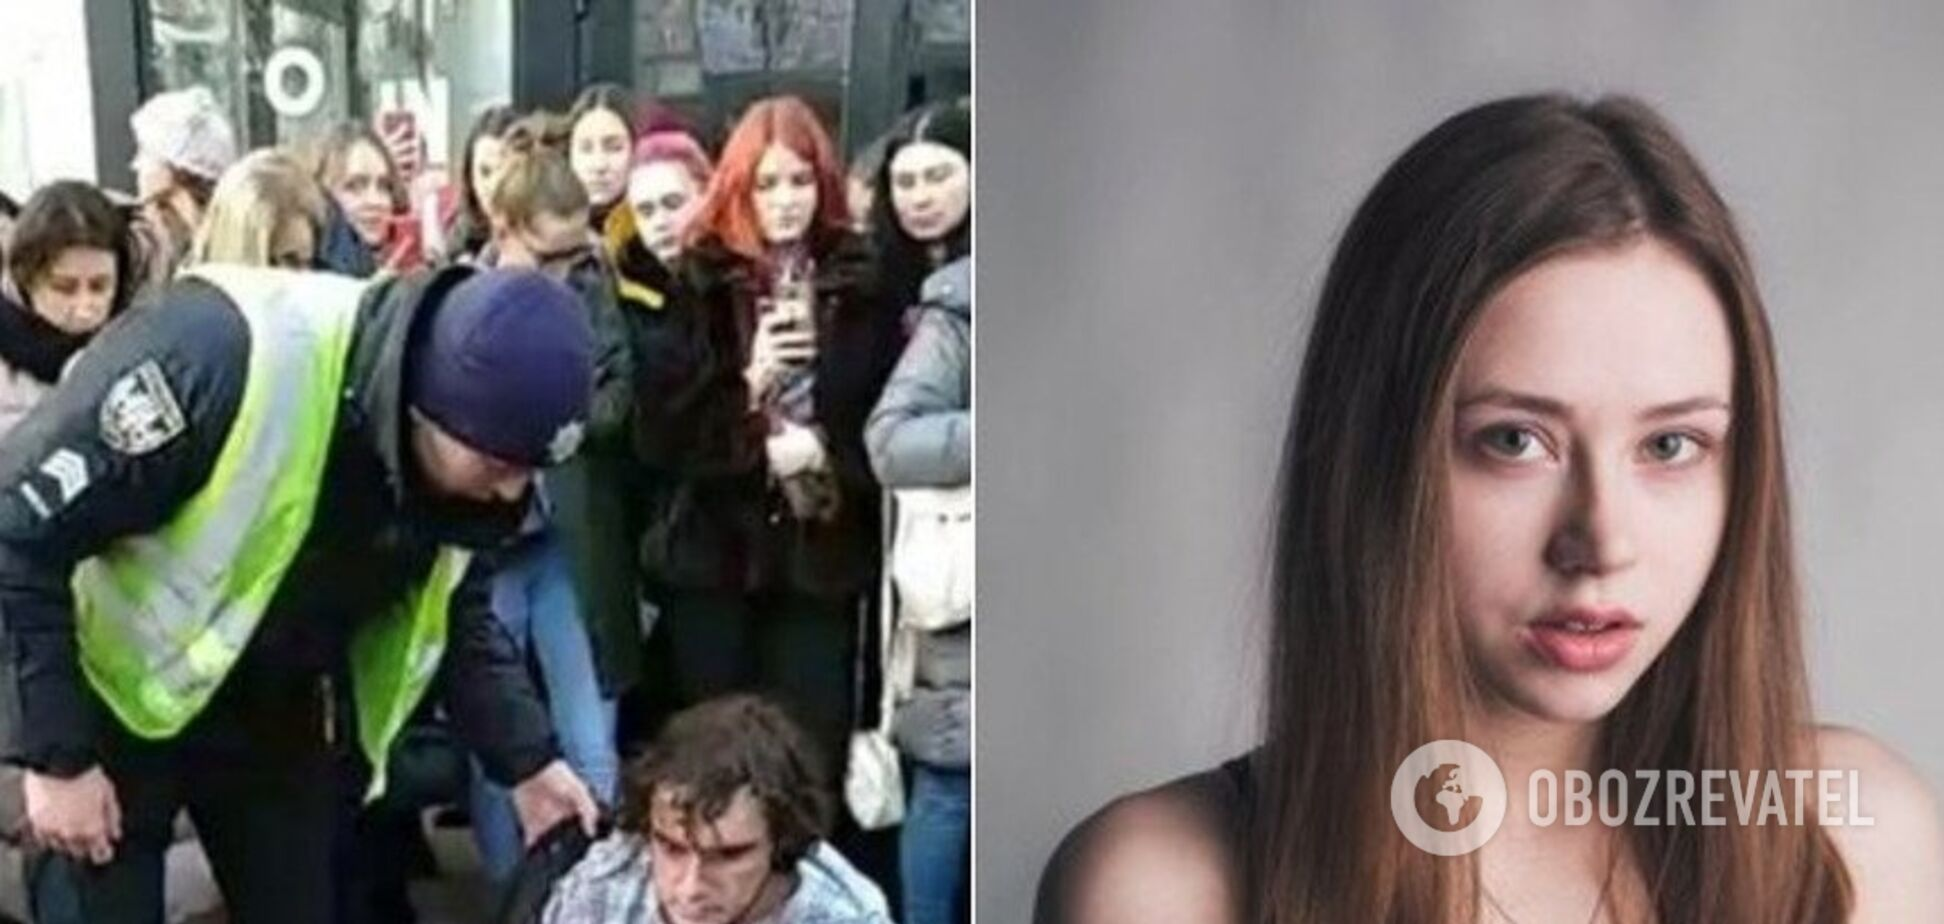 Операция ФСБ: в скандале с российской блогершей в Киеве указали на 'русский след'